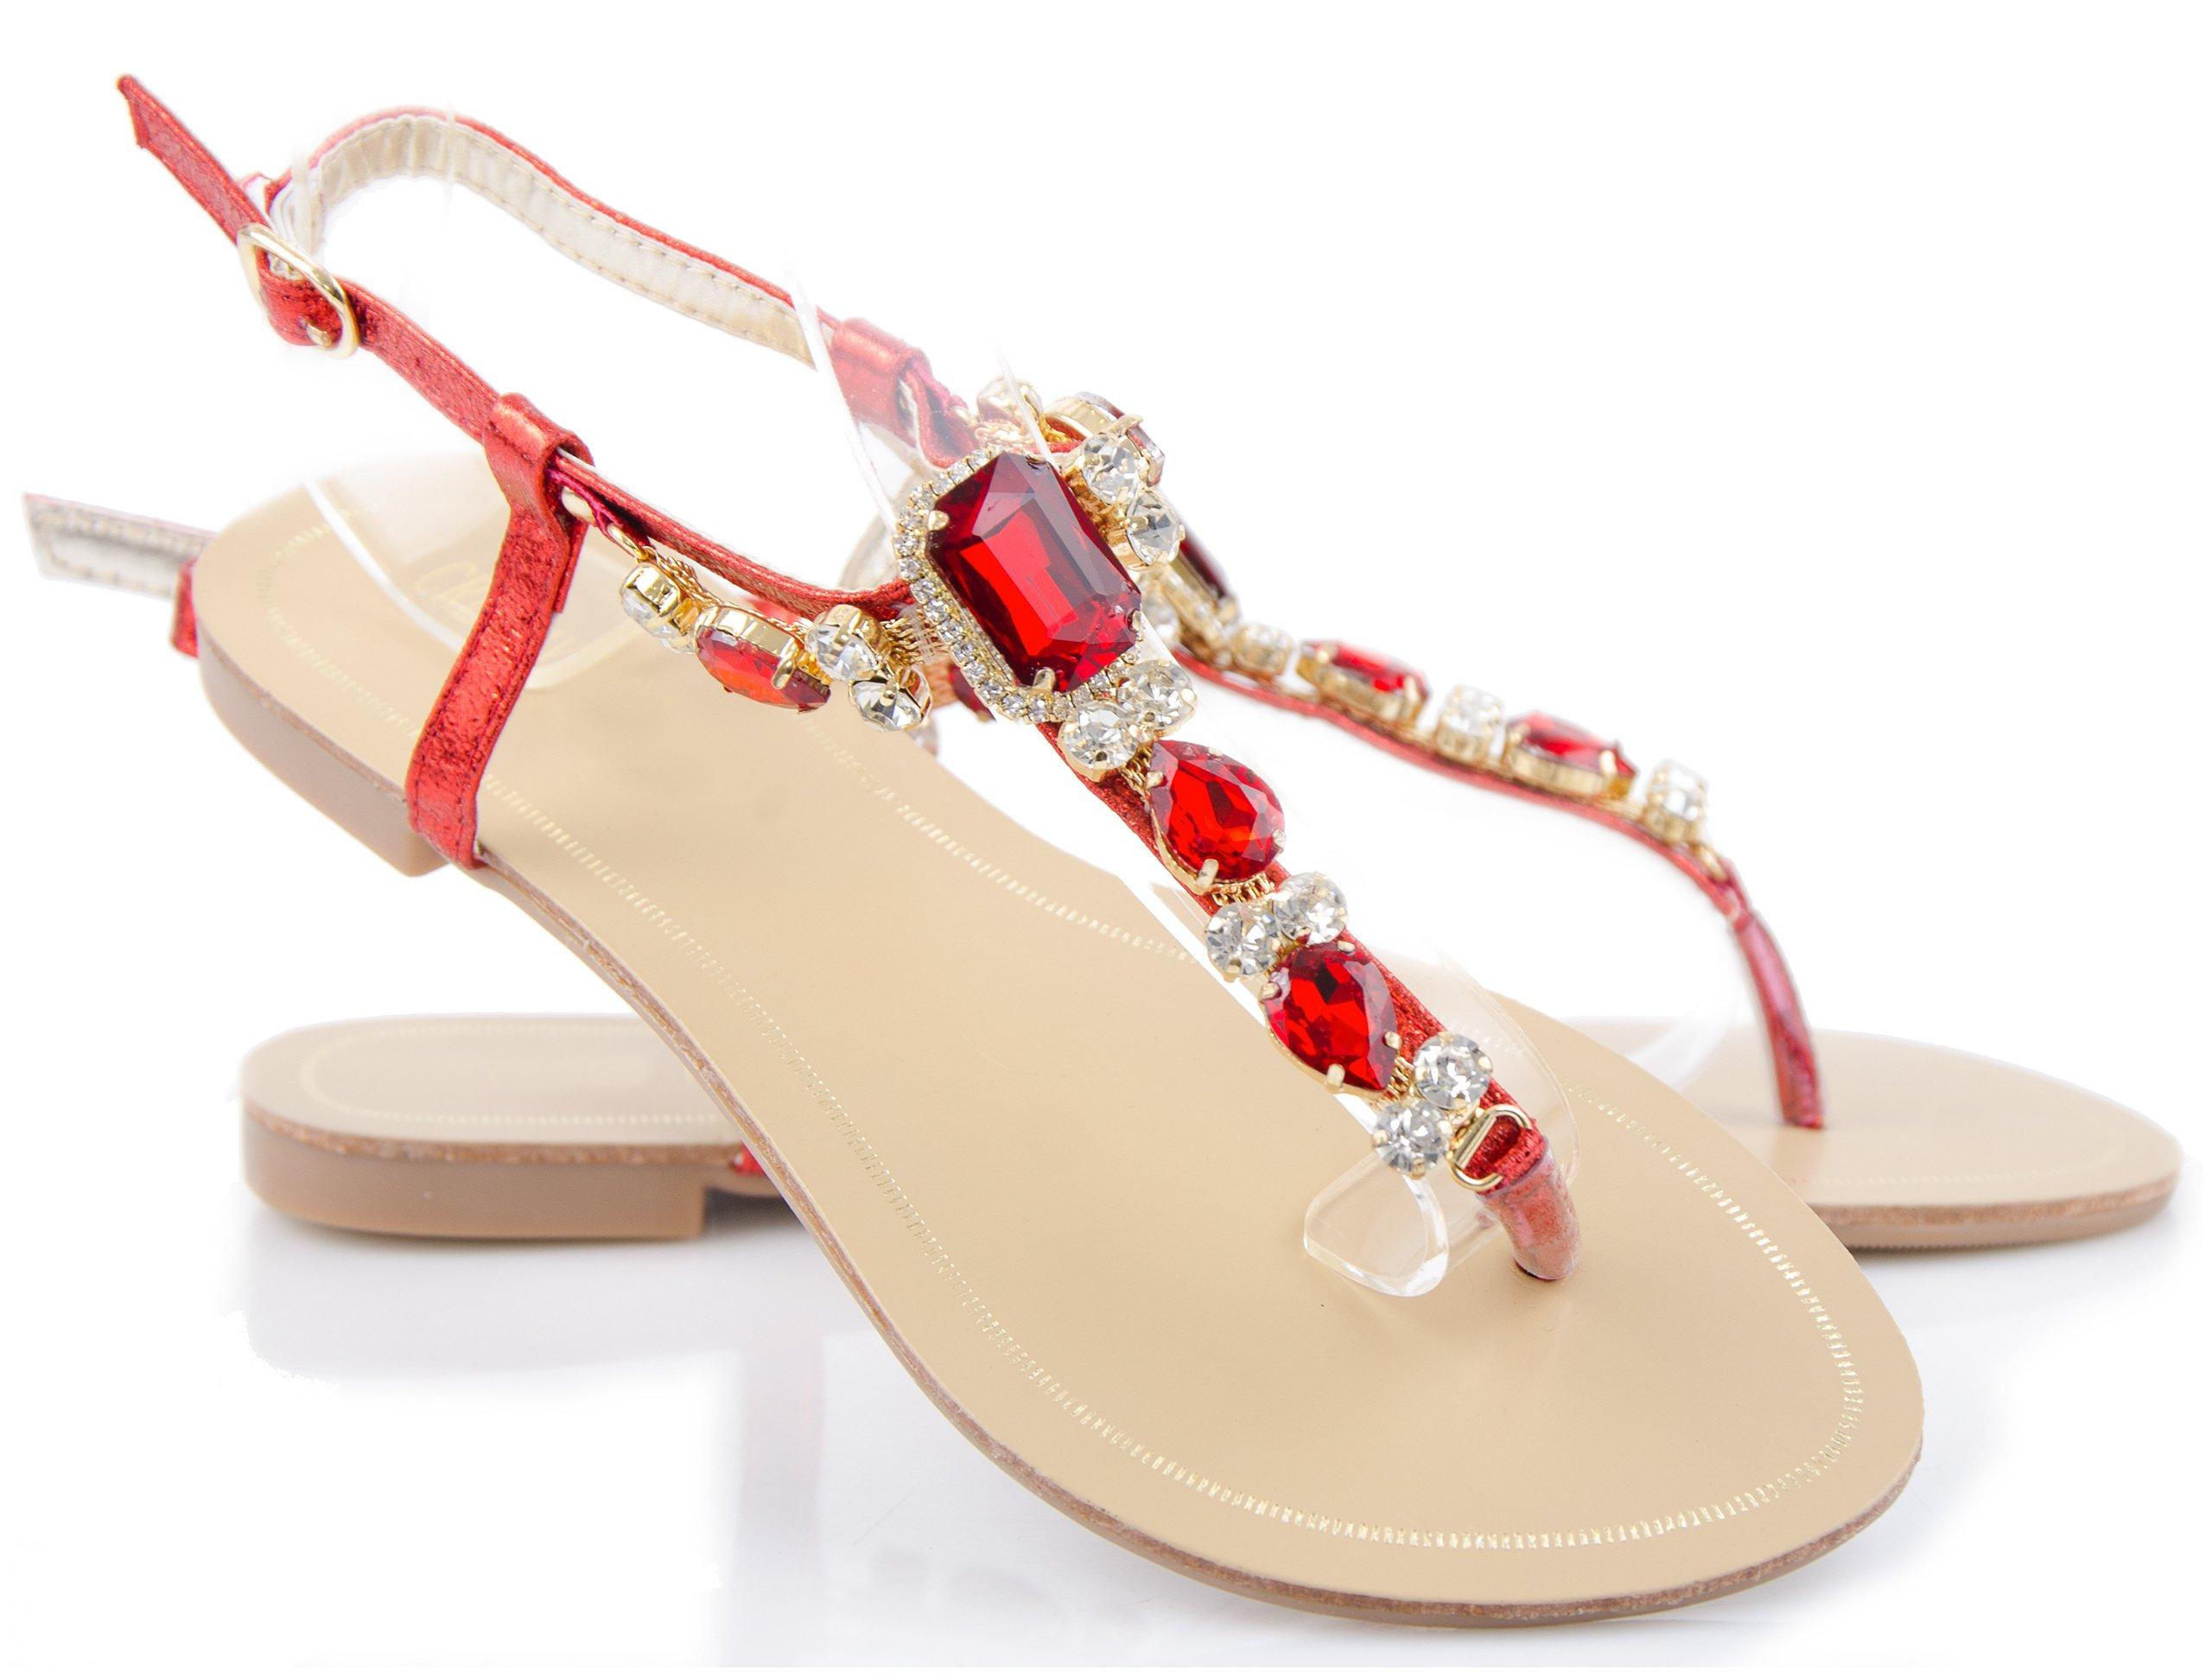 c0b2b4579818c Czerwone Sandały Glamour Biżuteryjne Zdobienia 39 7236091215 - Allegro.pl - Więcej  niż aukcje.